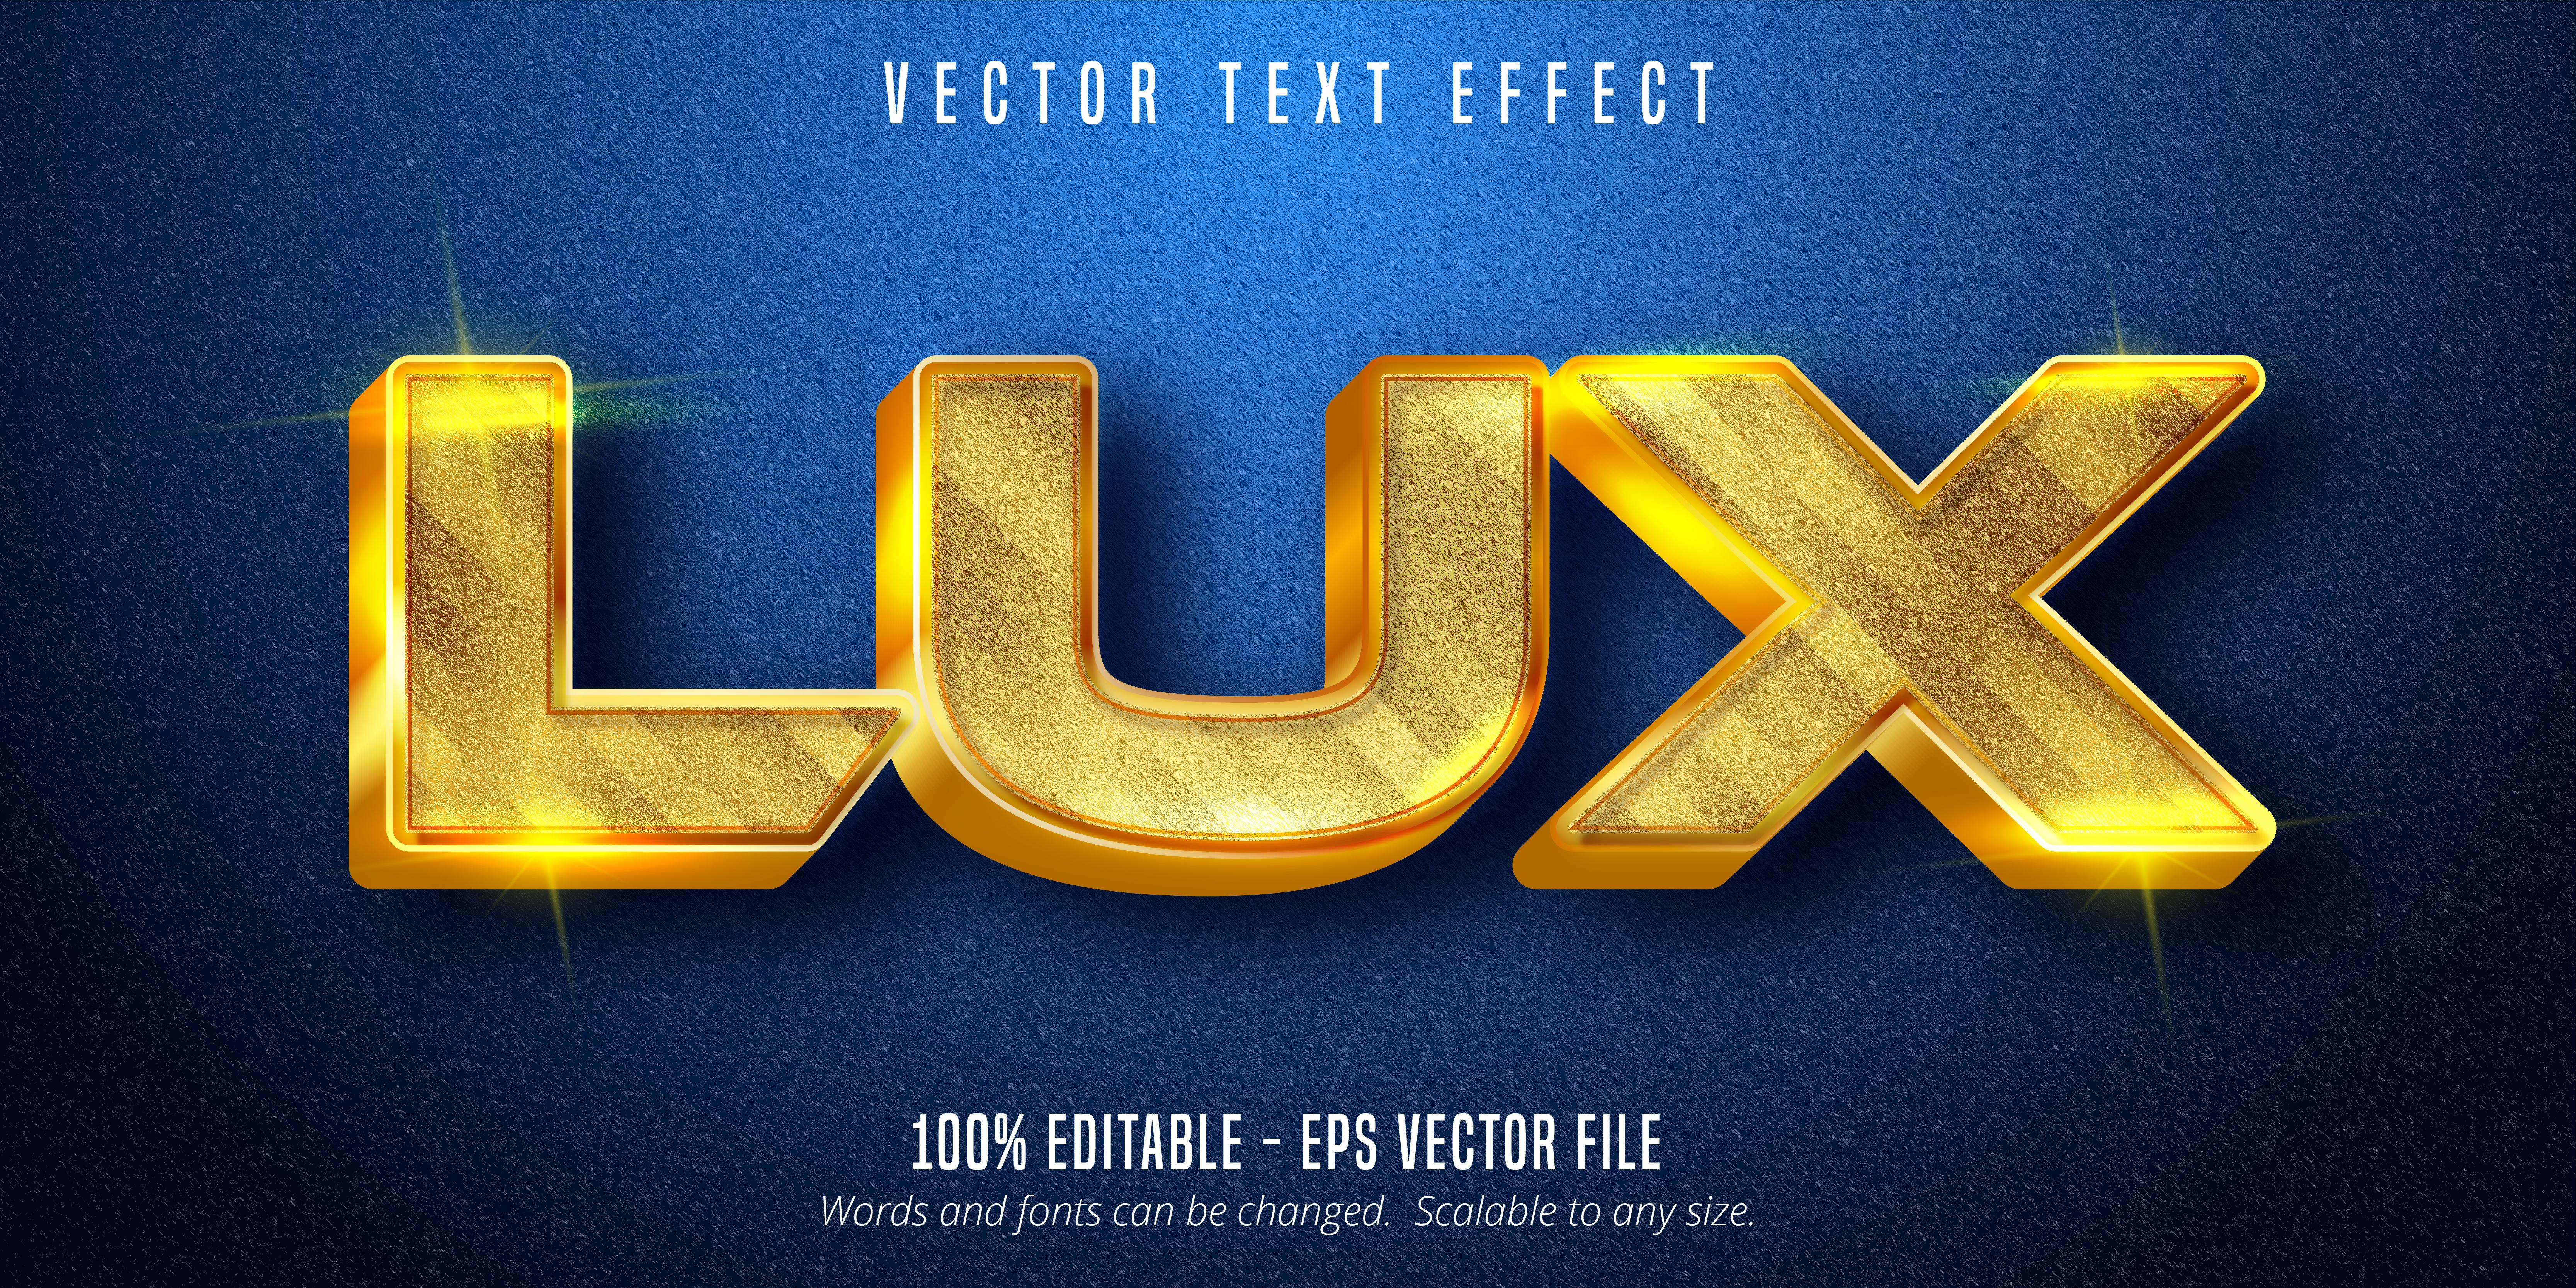 texto lux, efecto de texto de estilo dorado brillante